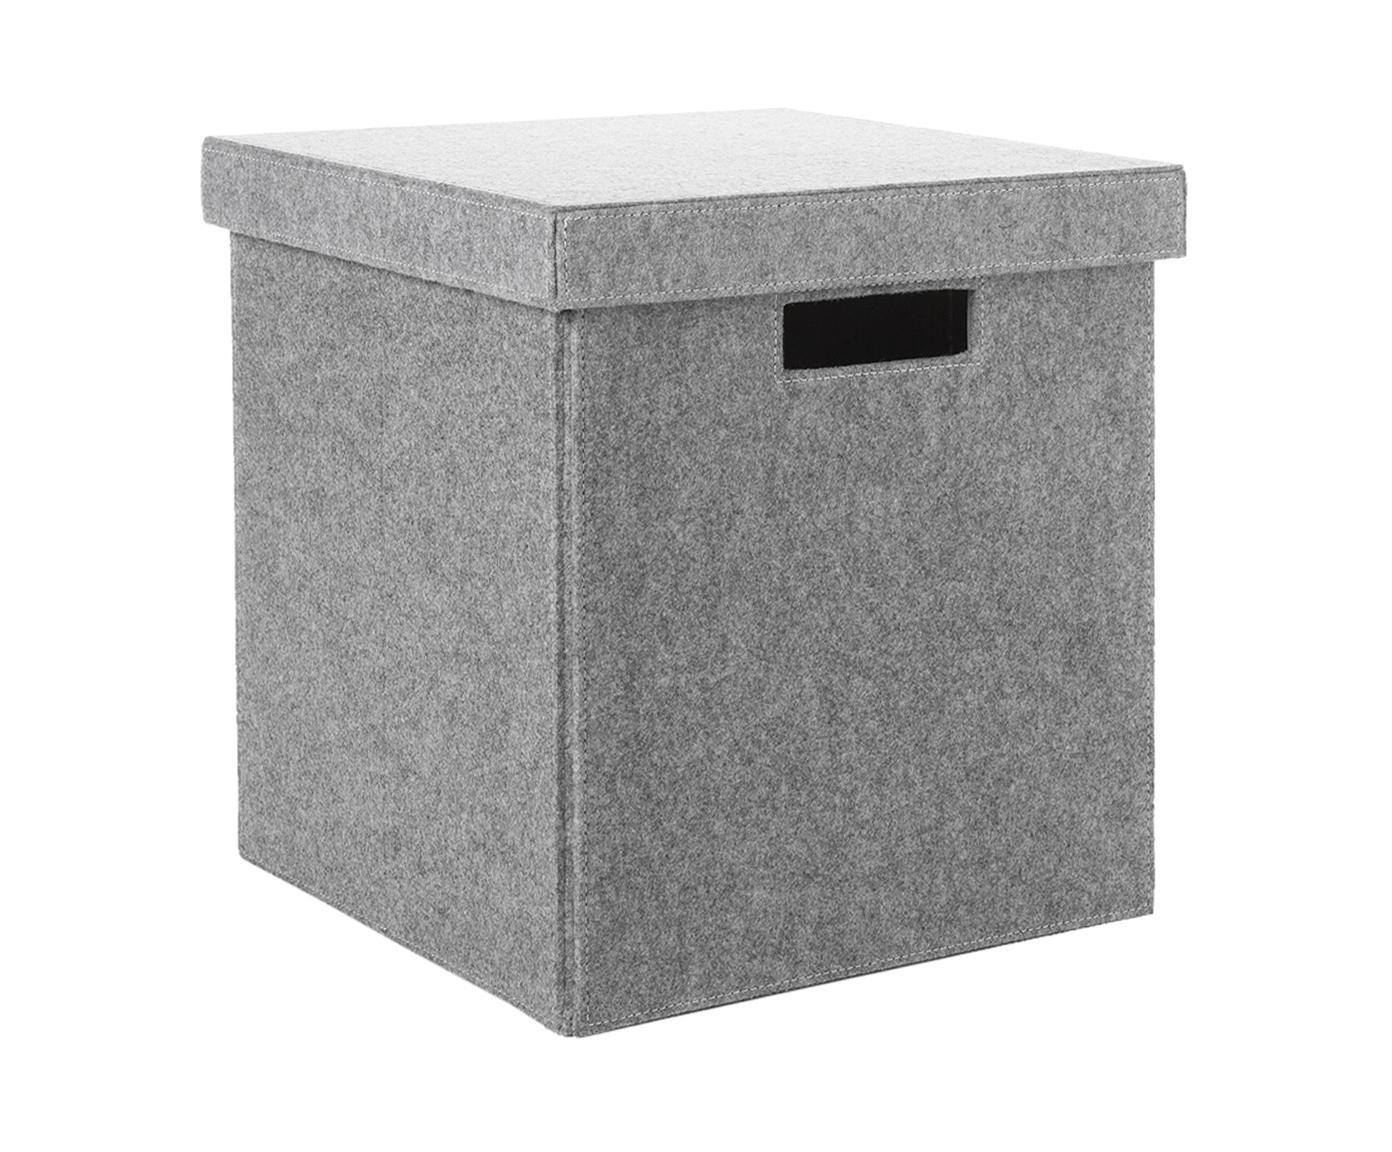 Caja Lena, Fieltro hecho de plástico reciclado, Gris, Al 32 x An 32 cm